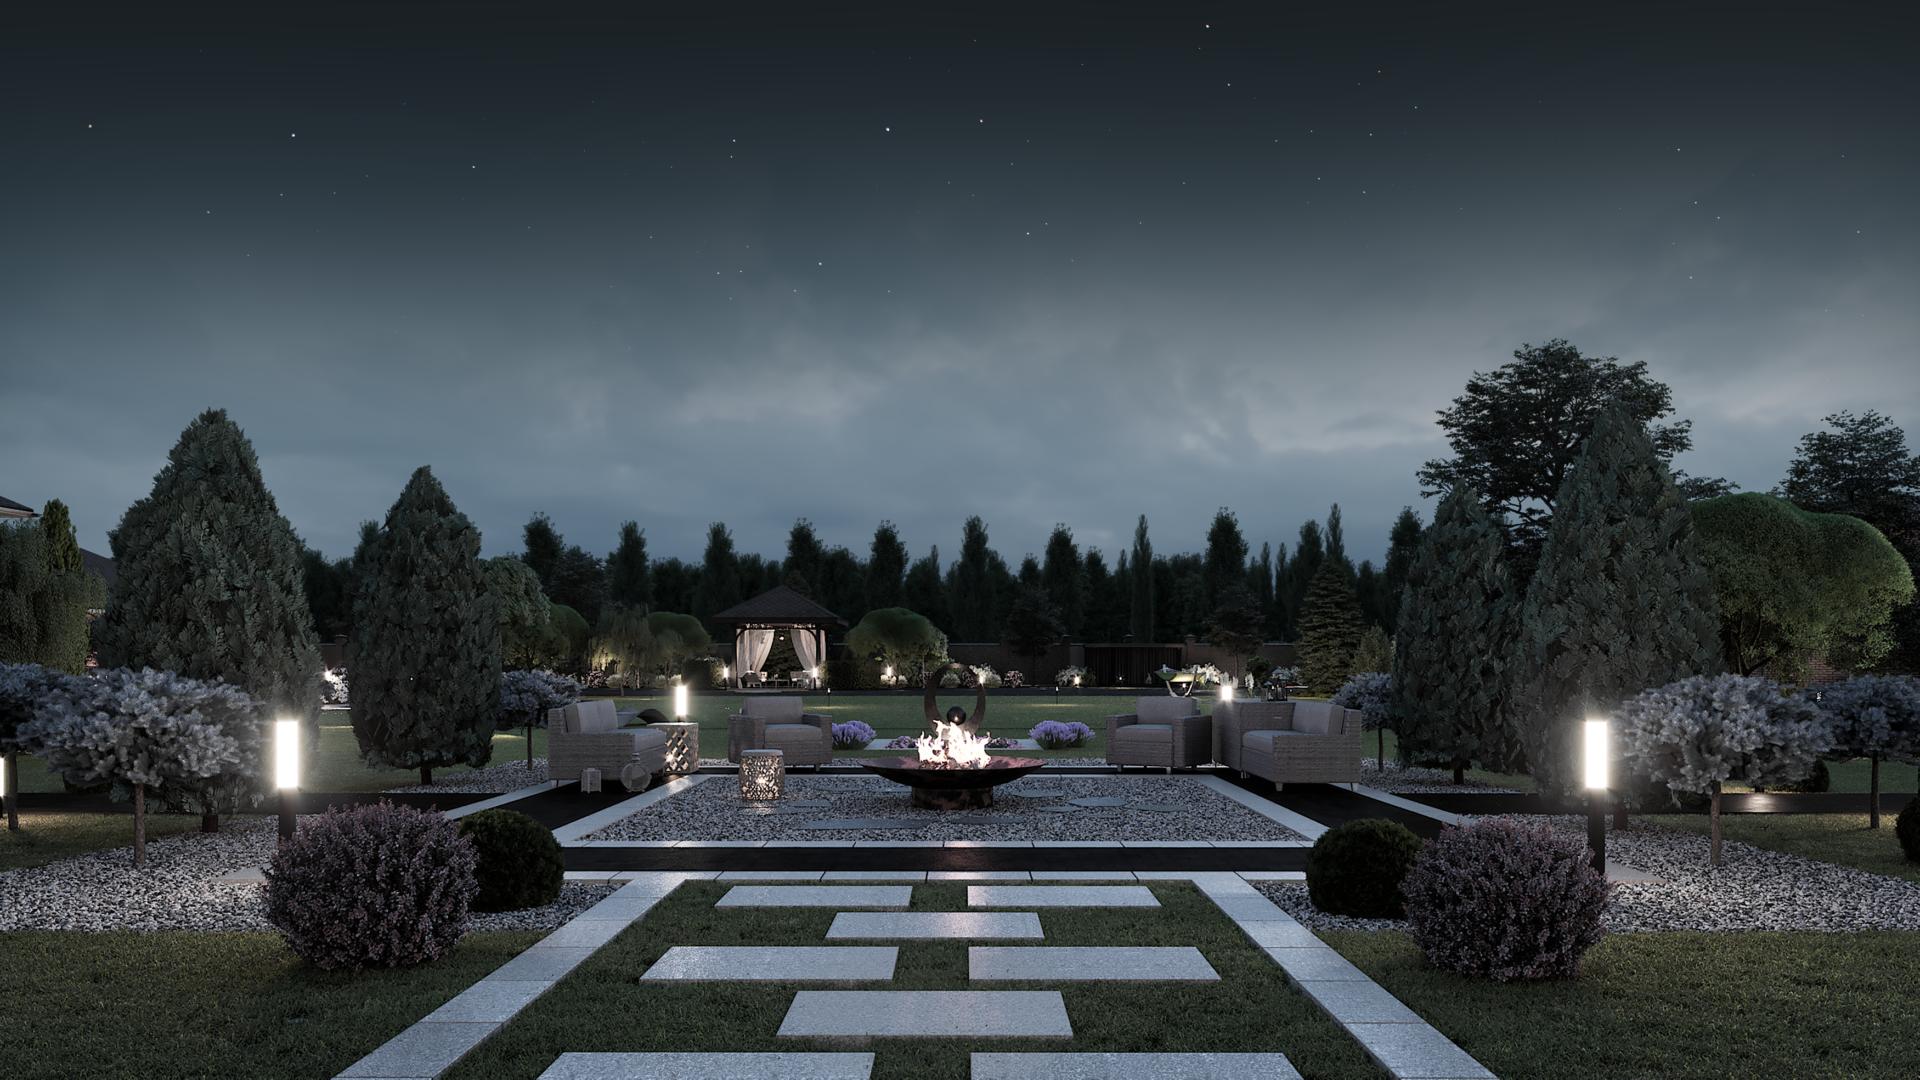 Architecture<br>Landscape<br>Interior